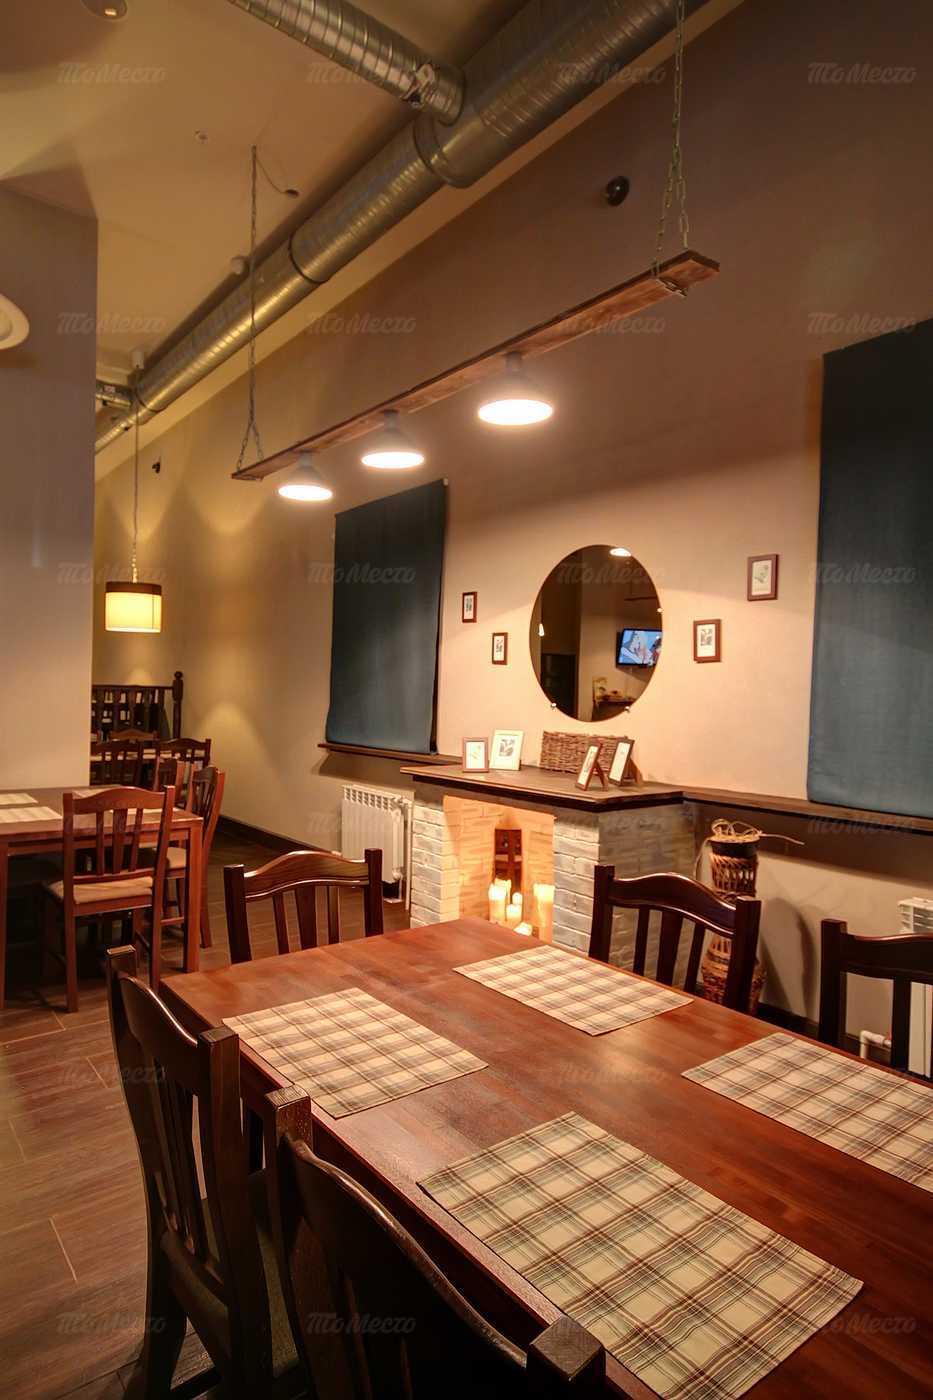 Меню пивного ресторана Градус Фаренгейта на Бассейной улице